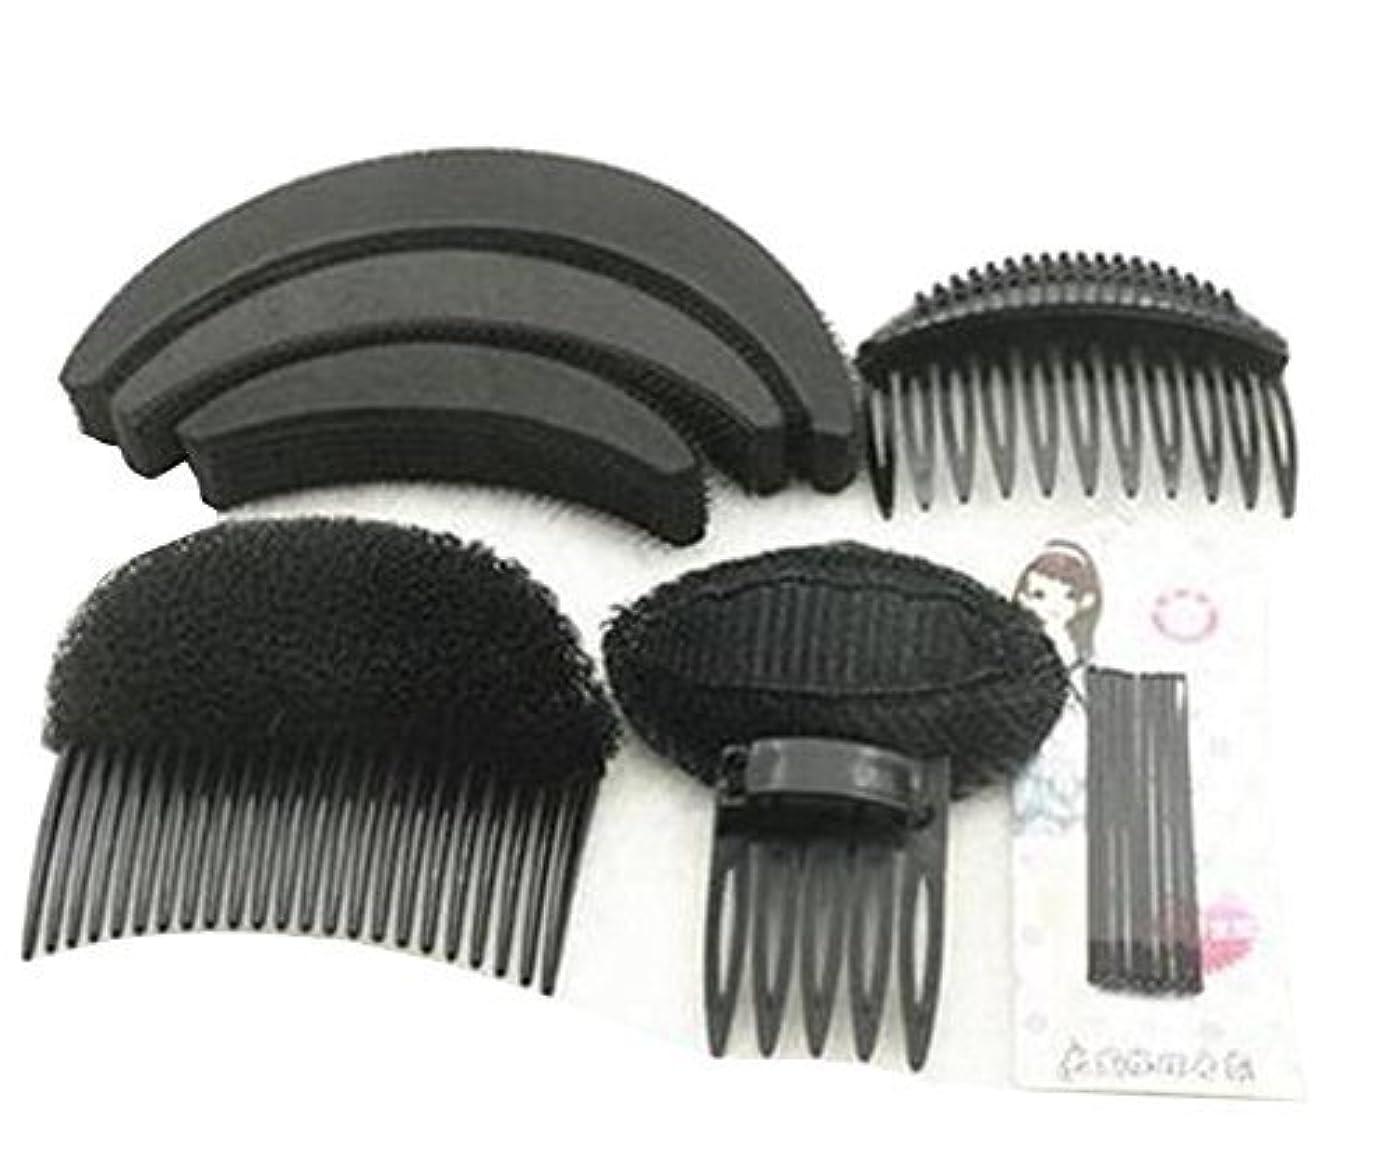 全く店主続編1 Set As picture Shown Hair Styler Styling Tool DIY Hairpin Bump Up Inserts Base Comb Bumpits Bump Foam Pads Braiding Twister Ponytail Roll Rings Maker Holder Barrette Clip Pins Accessories [並行輸入品]